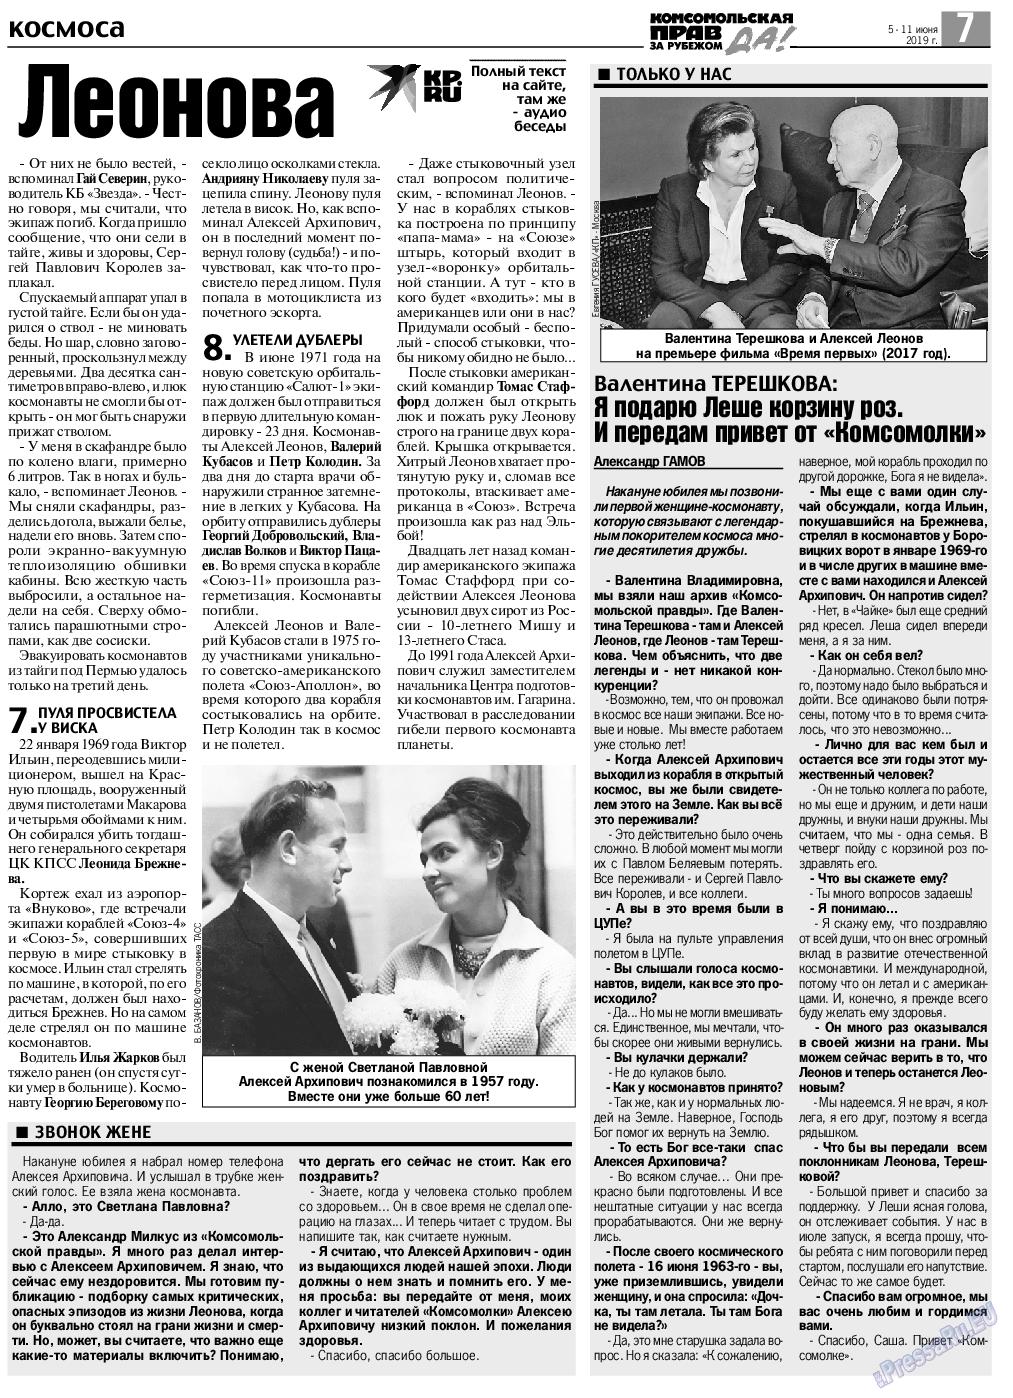 КП в Европе (газета). 2019 год, номер 23, стр. 7